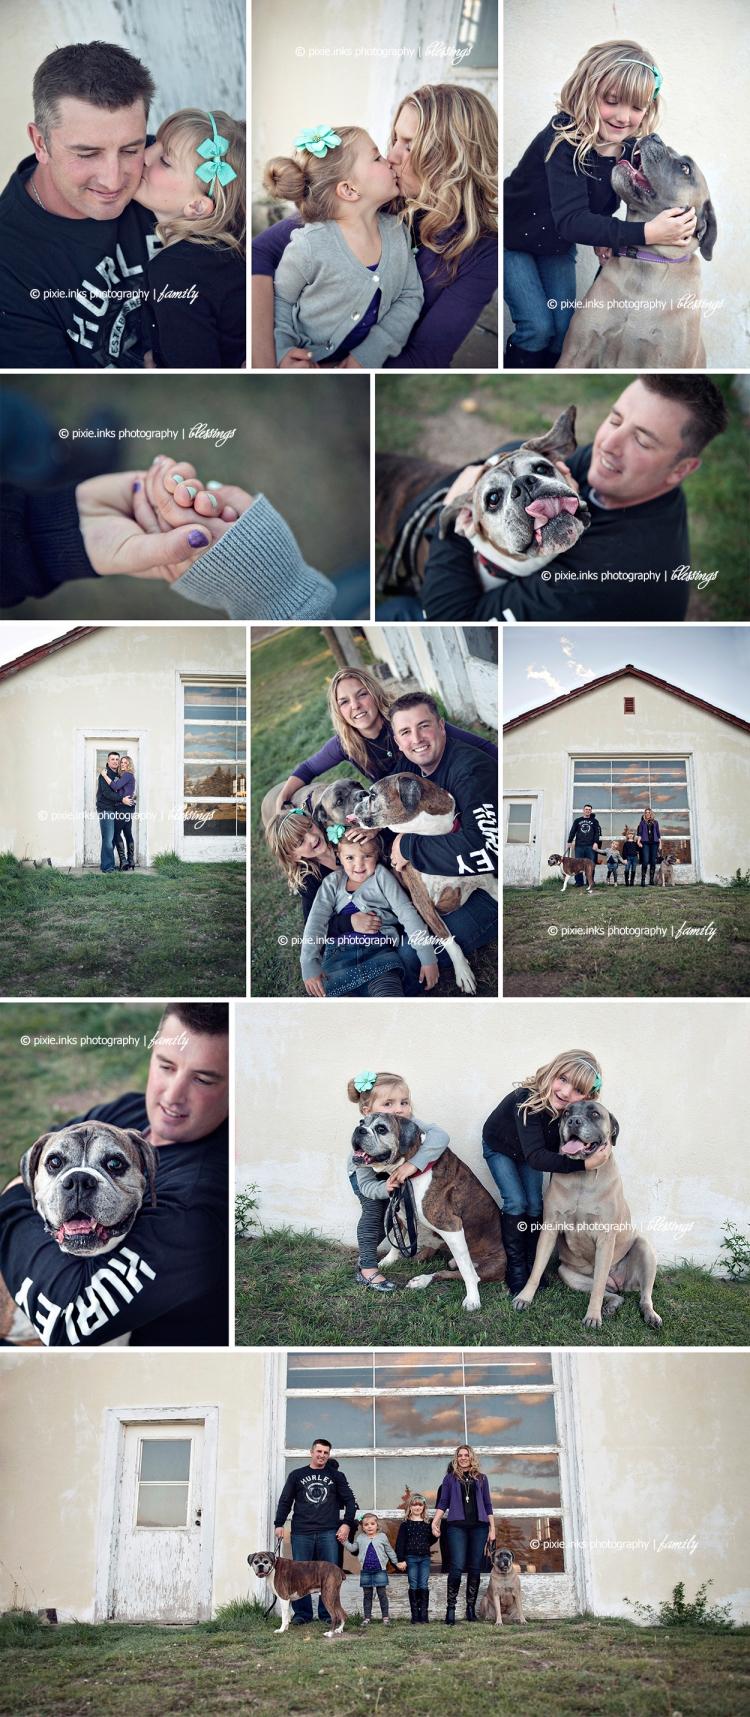 medicineHatPhotographer2014-dresch-WB-2